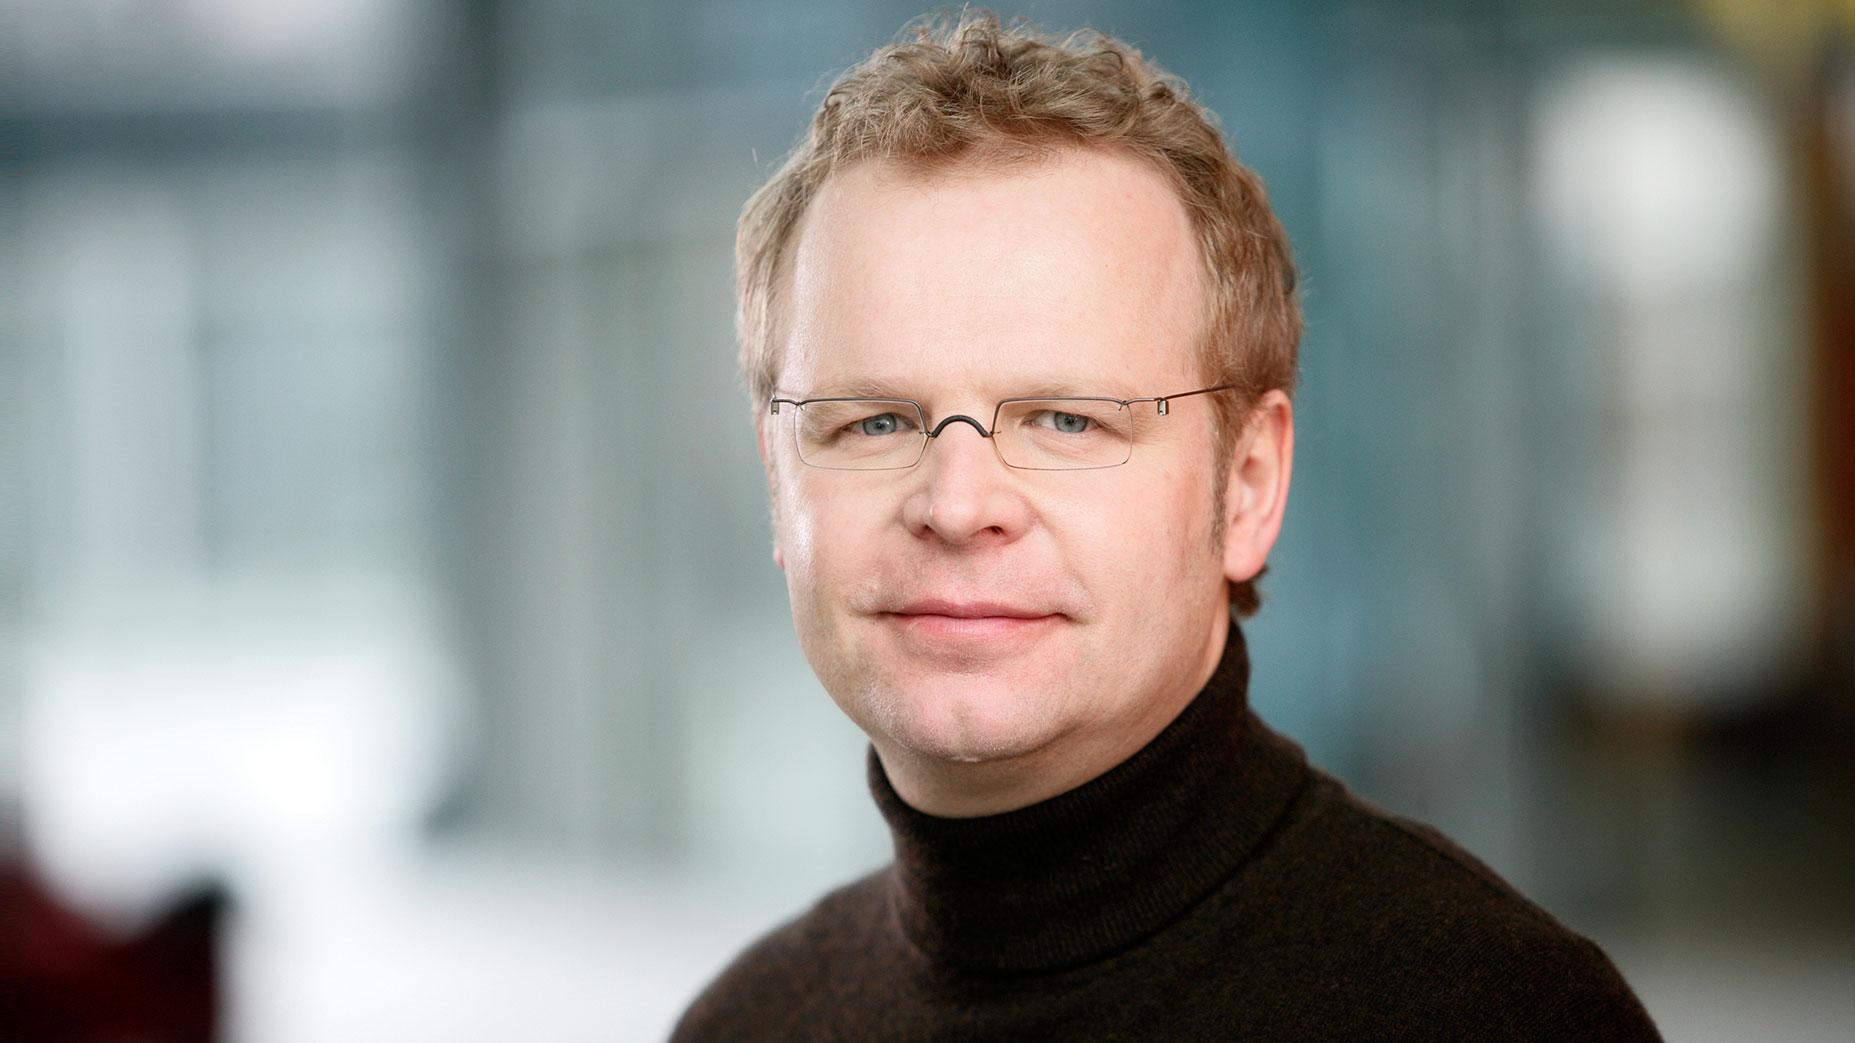 Markus Kreisel (WDRmgd)